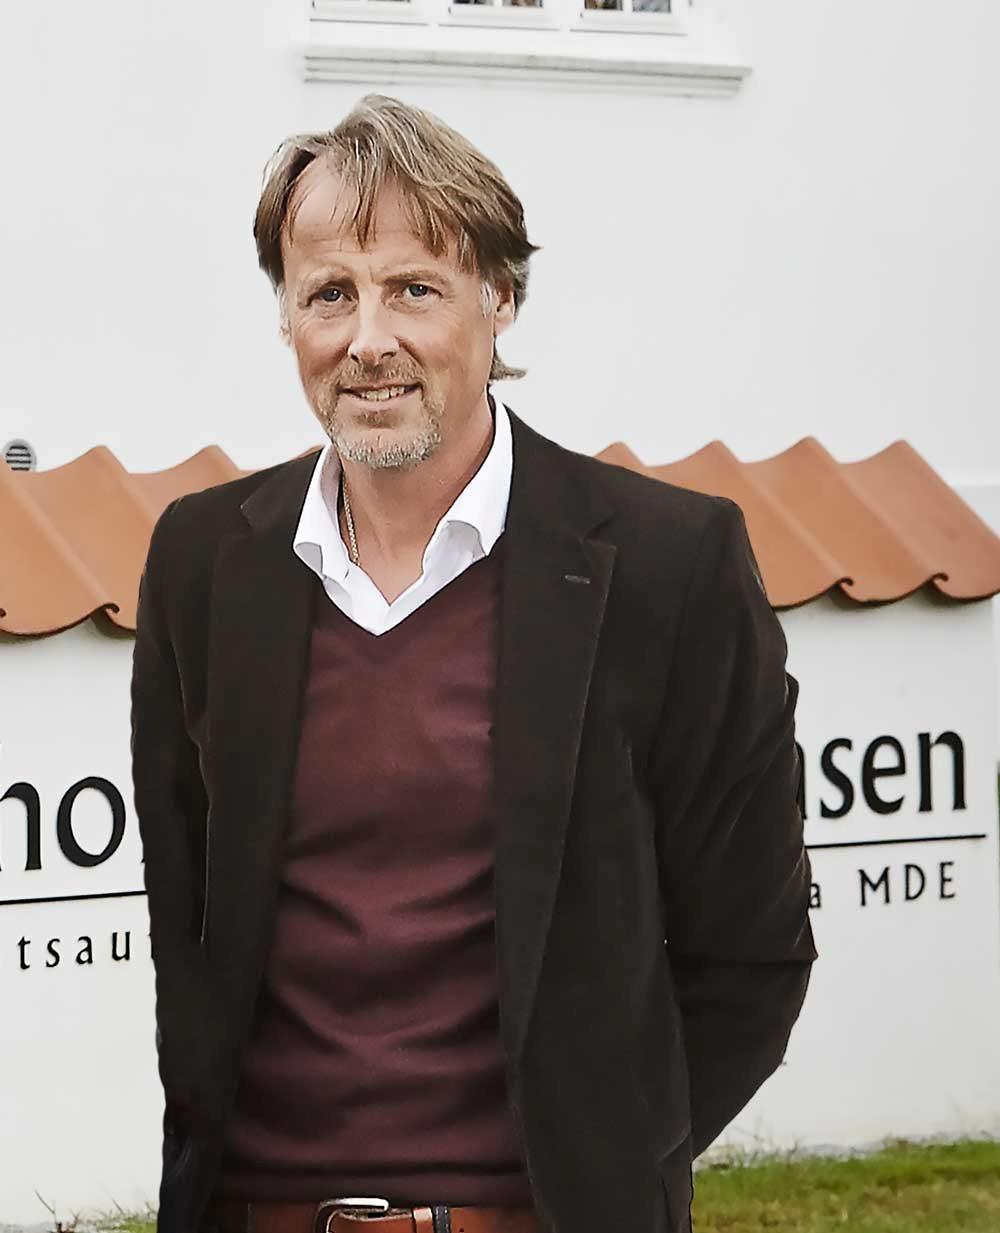 Lars Ørbæk